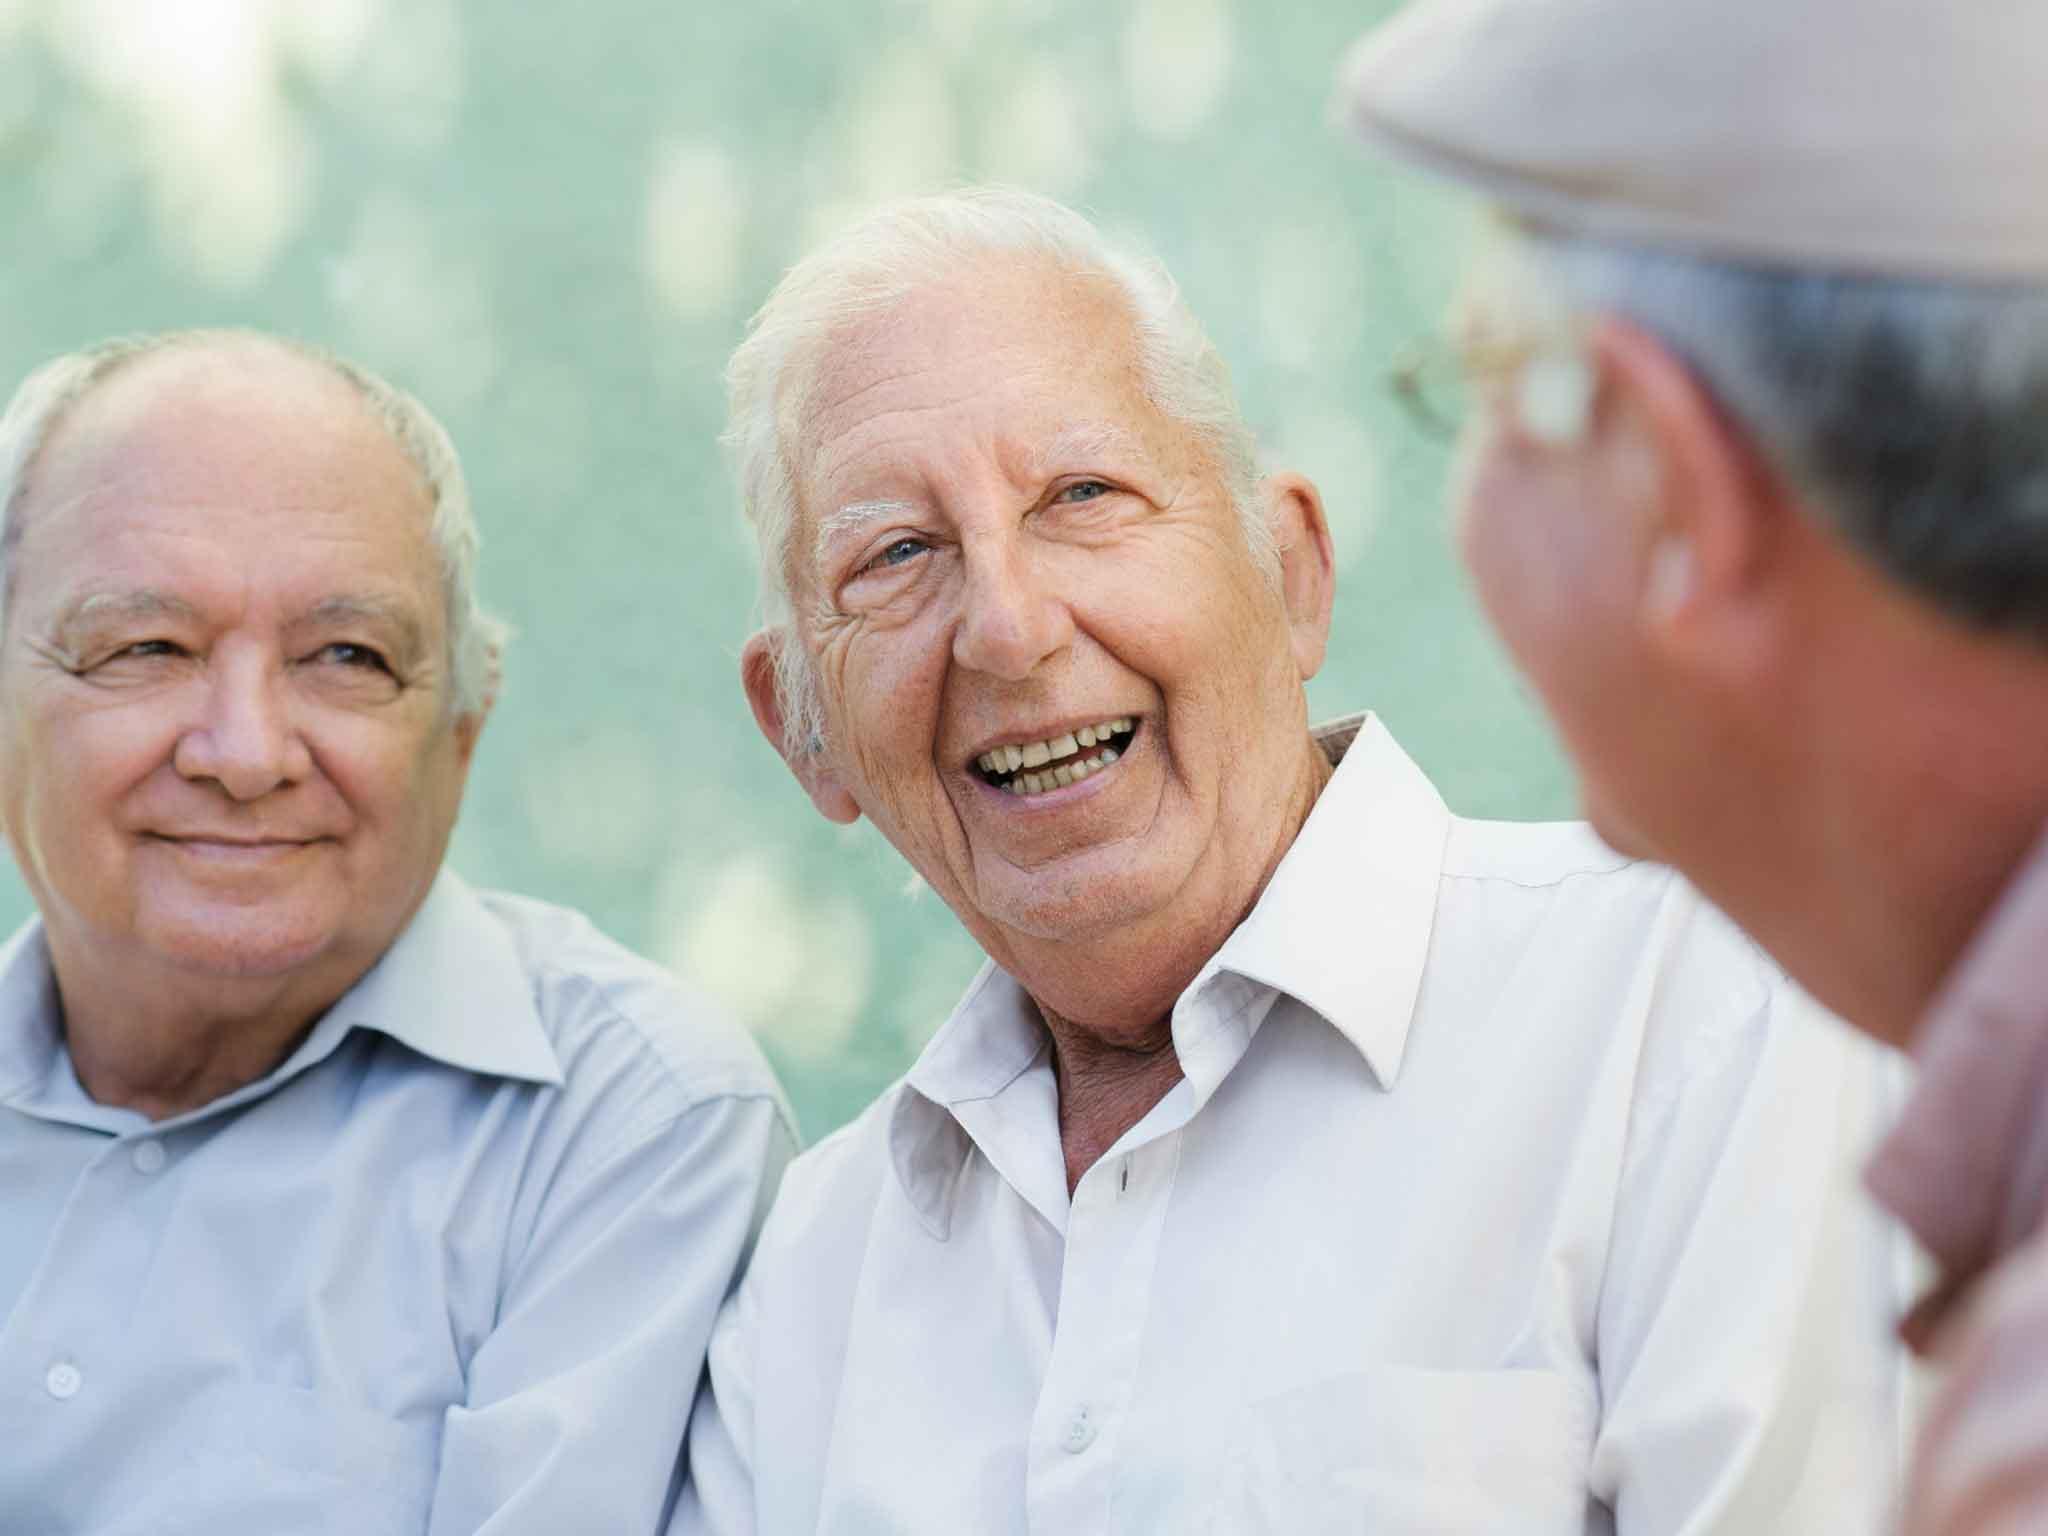 داشتن روابط اجتماعی فعال در بزرگسالی اهمیت بسیار زیادی دارد.